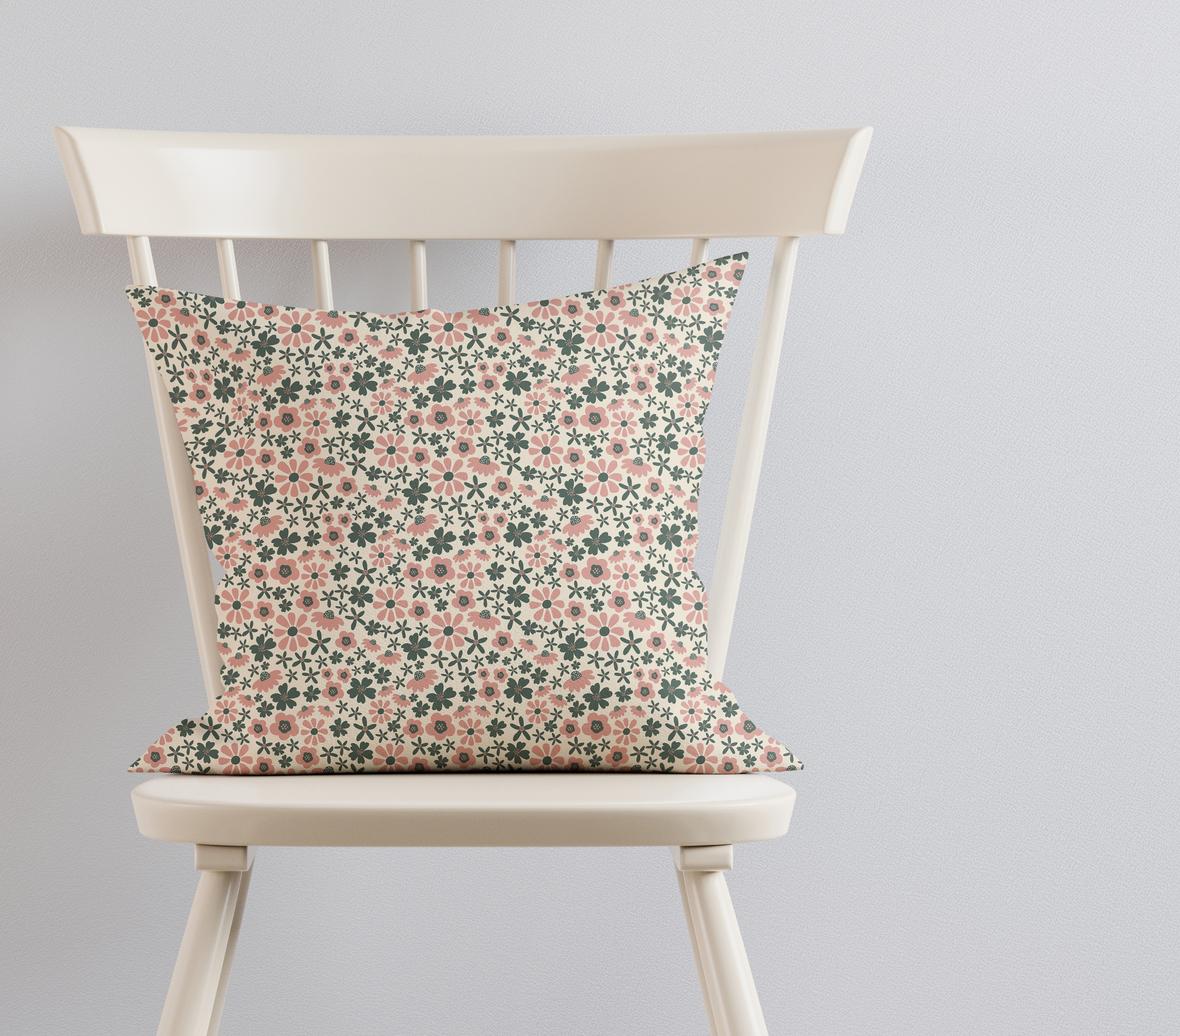 Pillow on Ivory Chair GAV 2